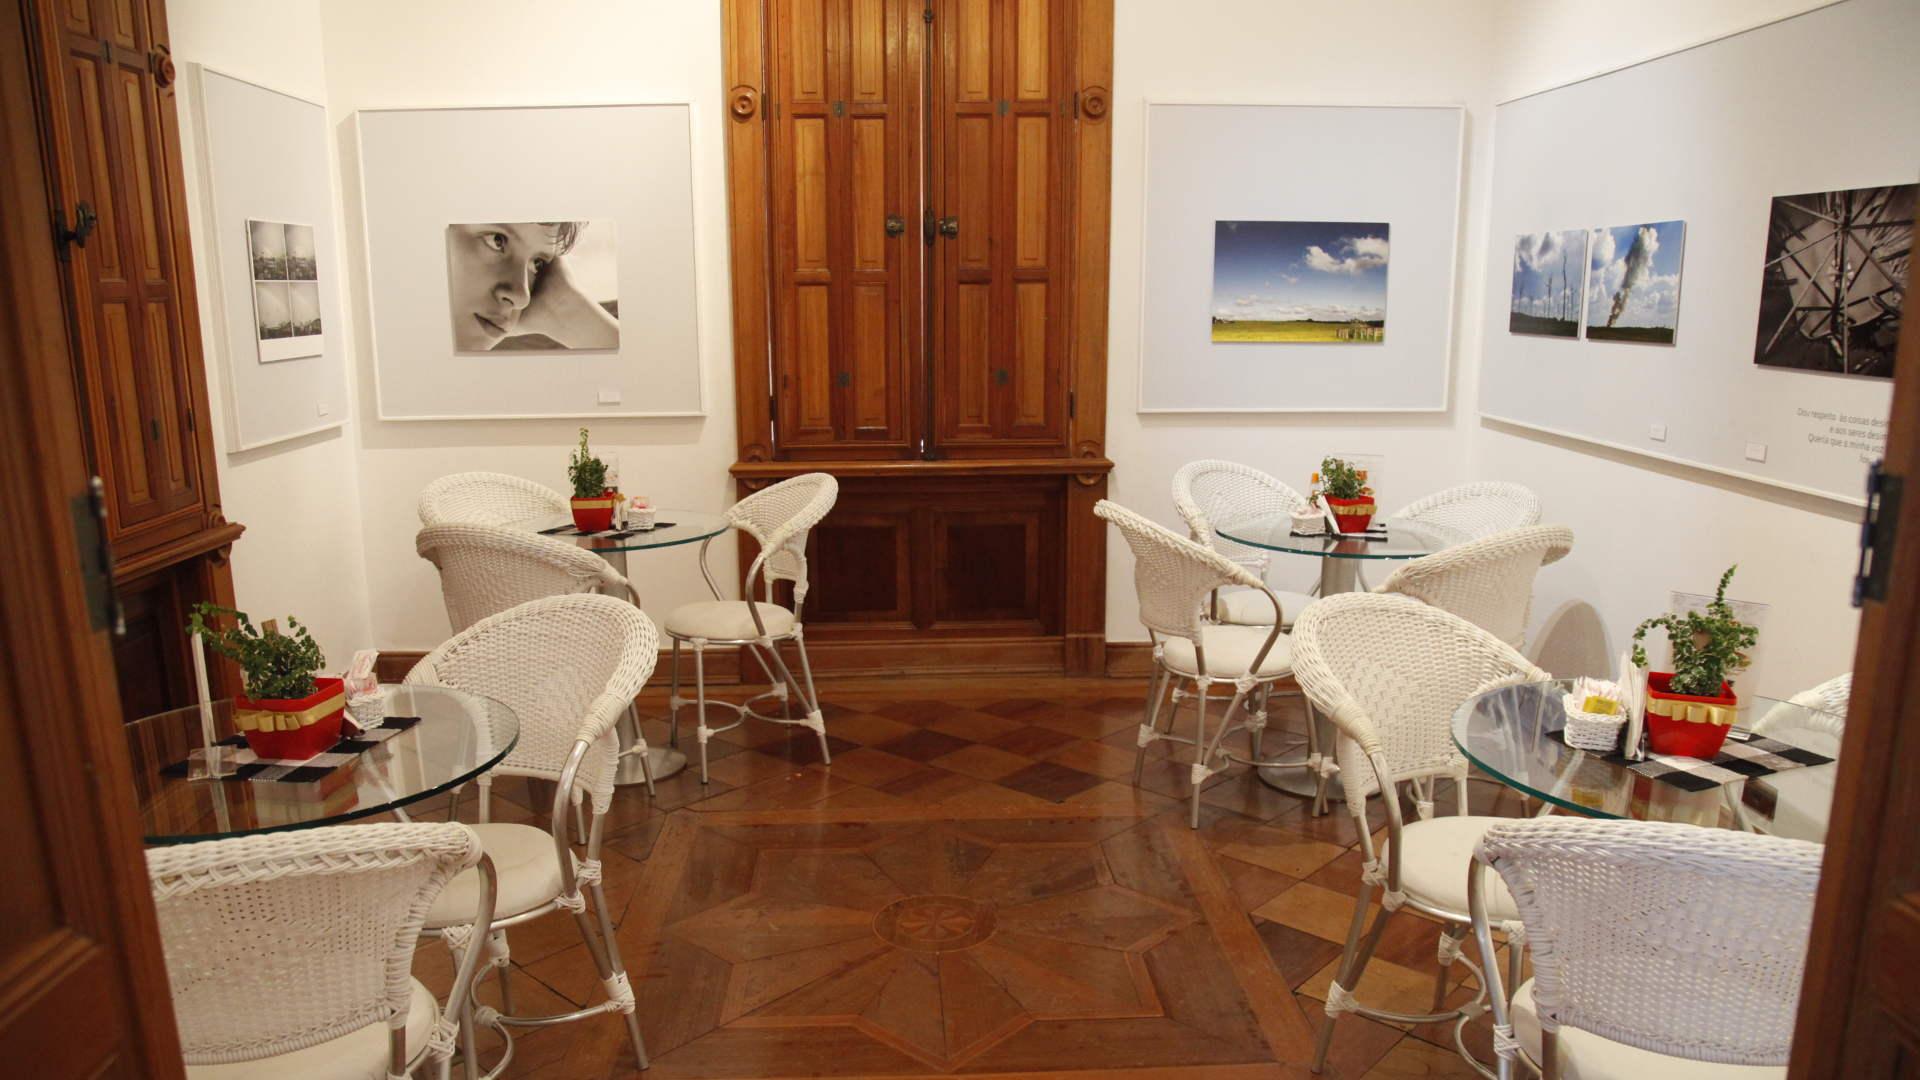 Interior do Café Galeria, que funciona no Chalé Cristiano Osório, no IMS Poços / Acervo IMS